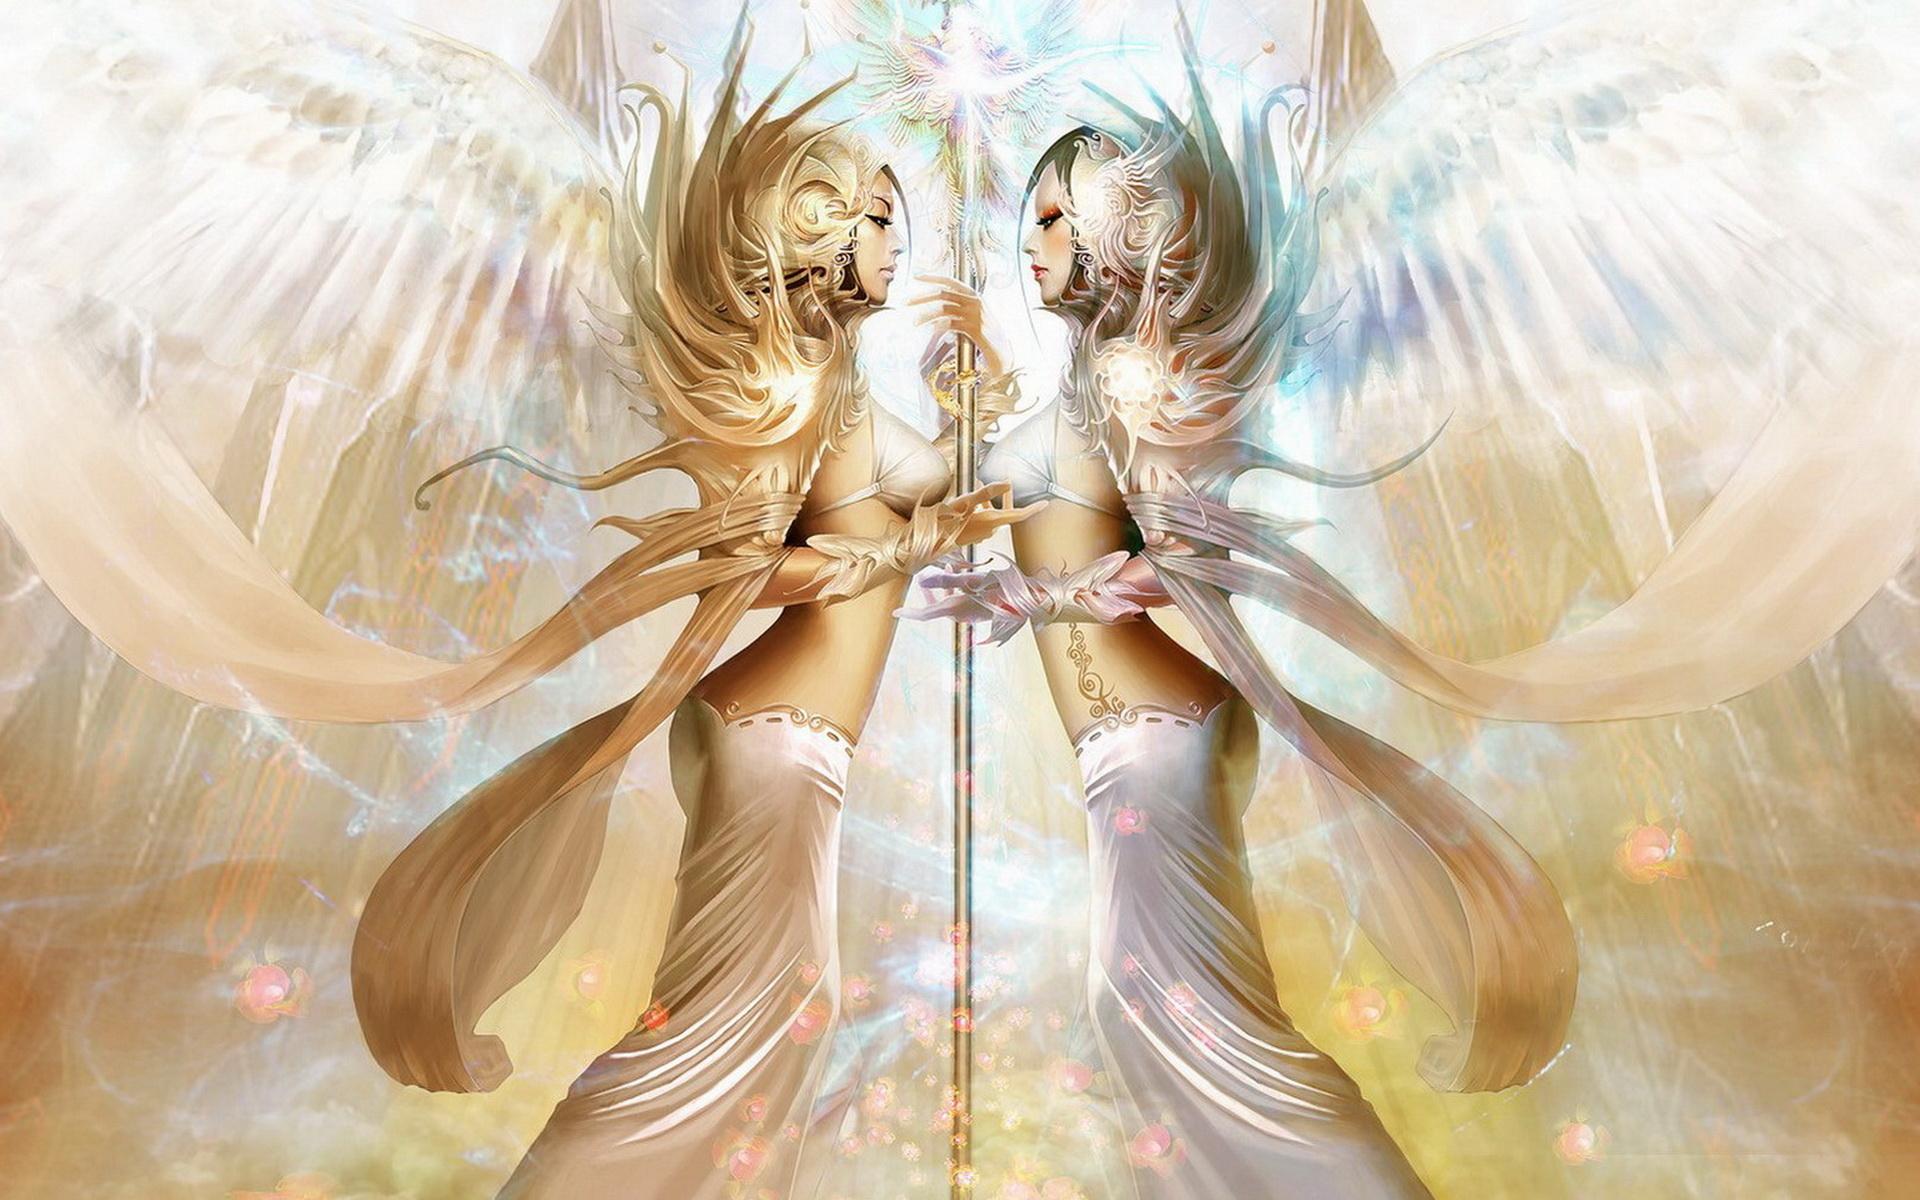 узнаете картинки ангельский хорошем качестве маленькую